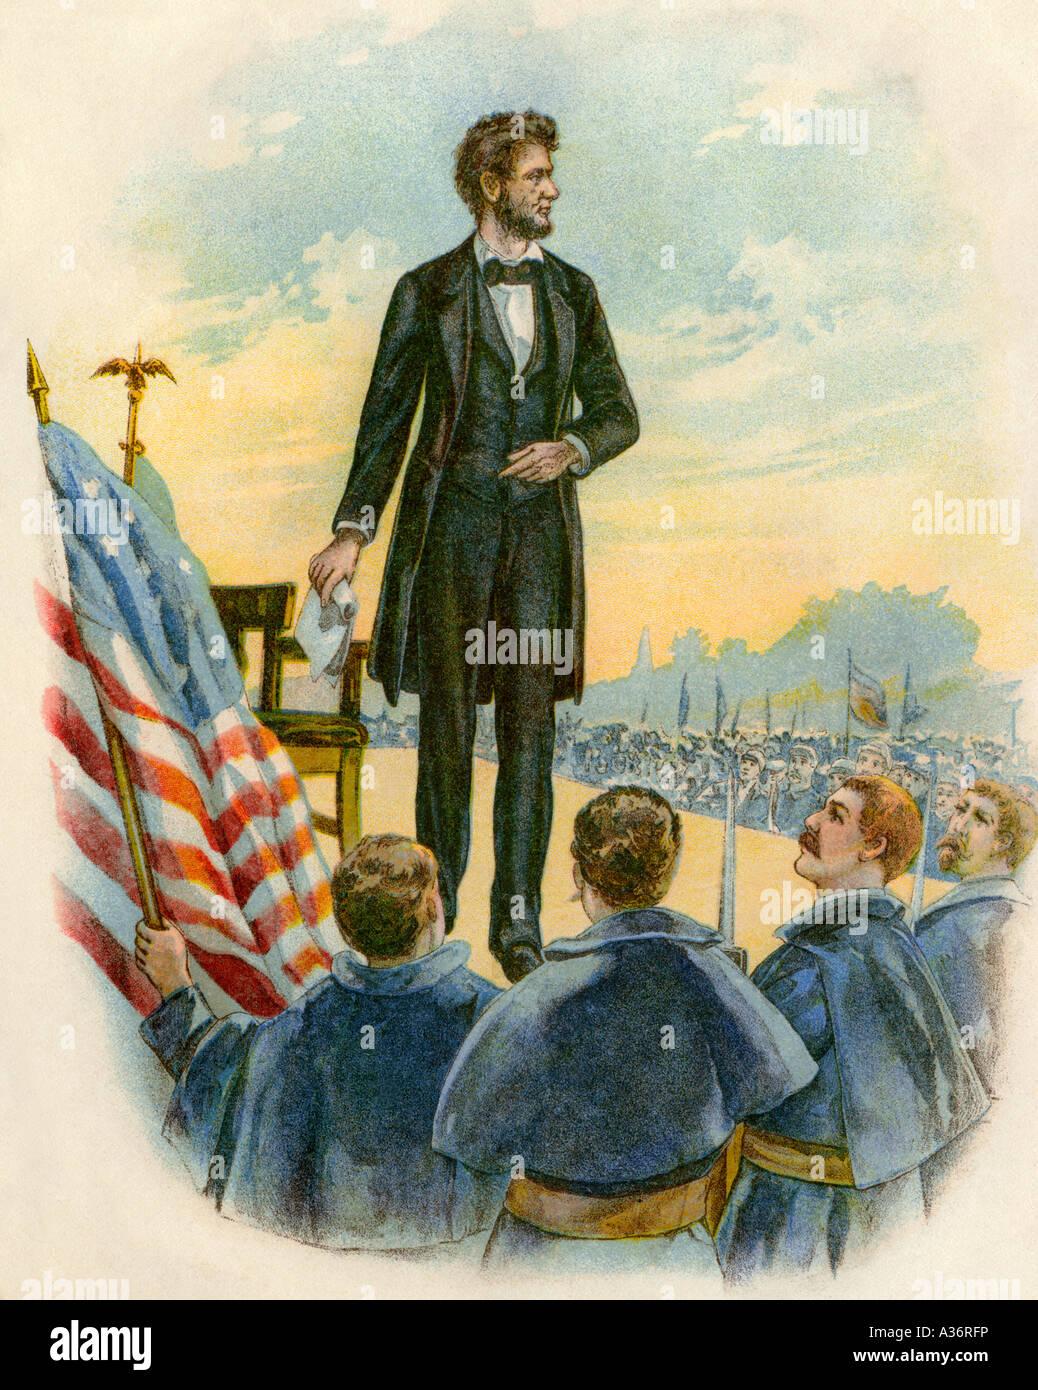 El presidente Abraham Lincoln entregando el Discurso de Gettysburg en el campo de batalla durante la Guerra Civil Imagen De Stock